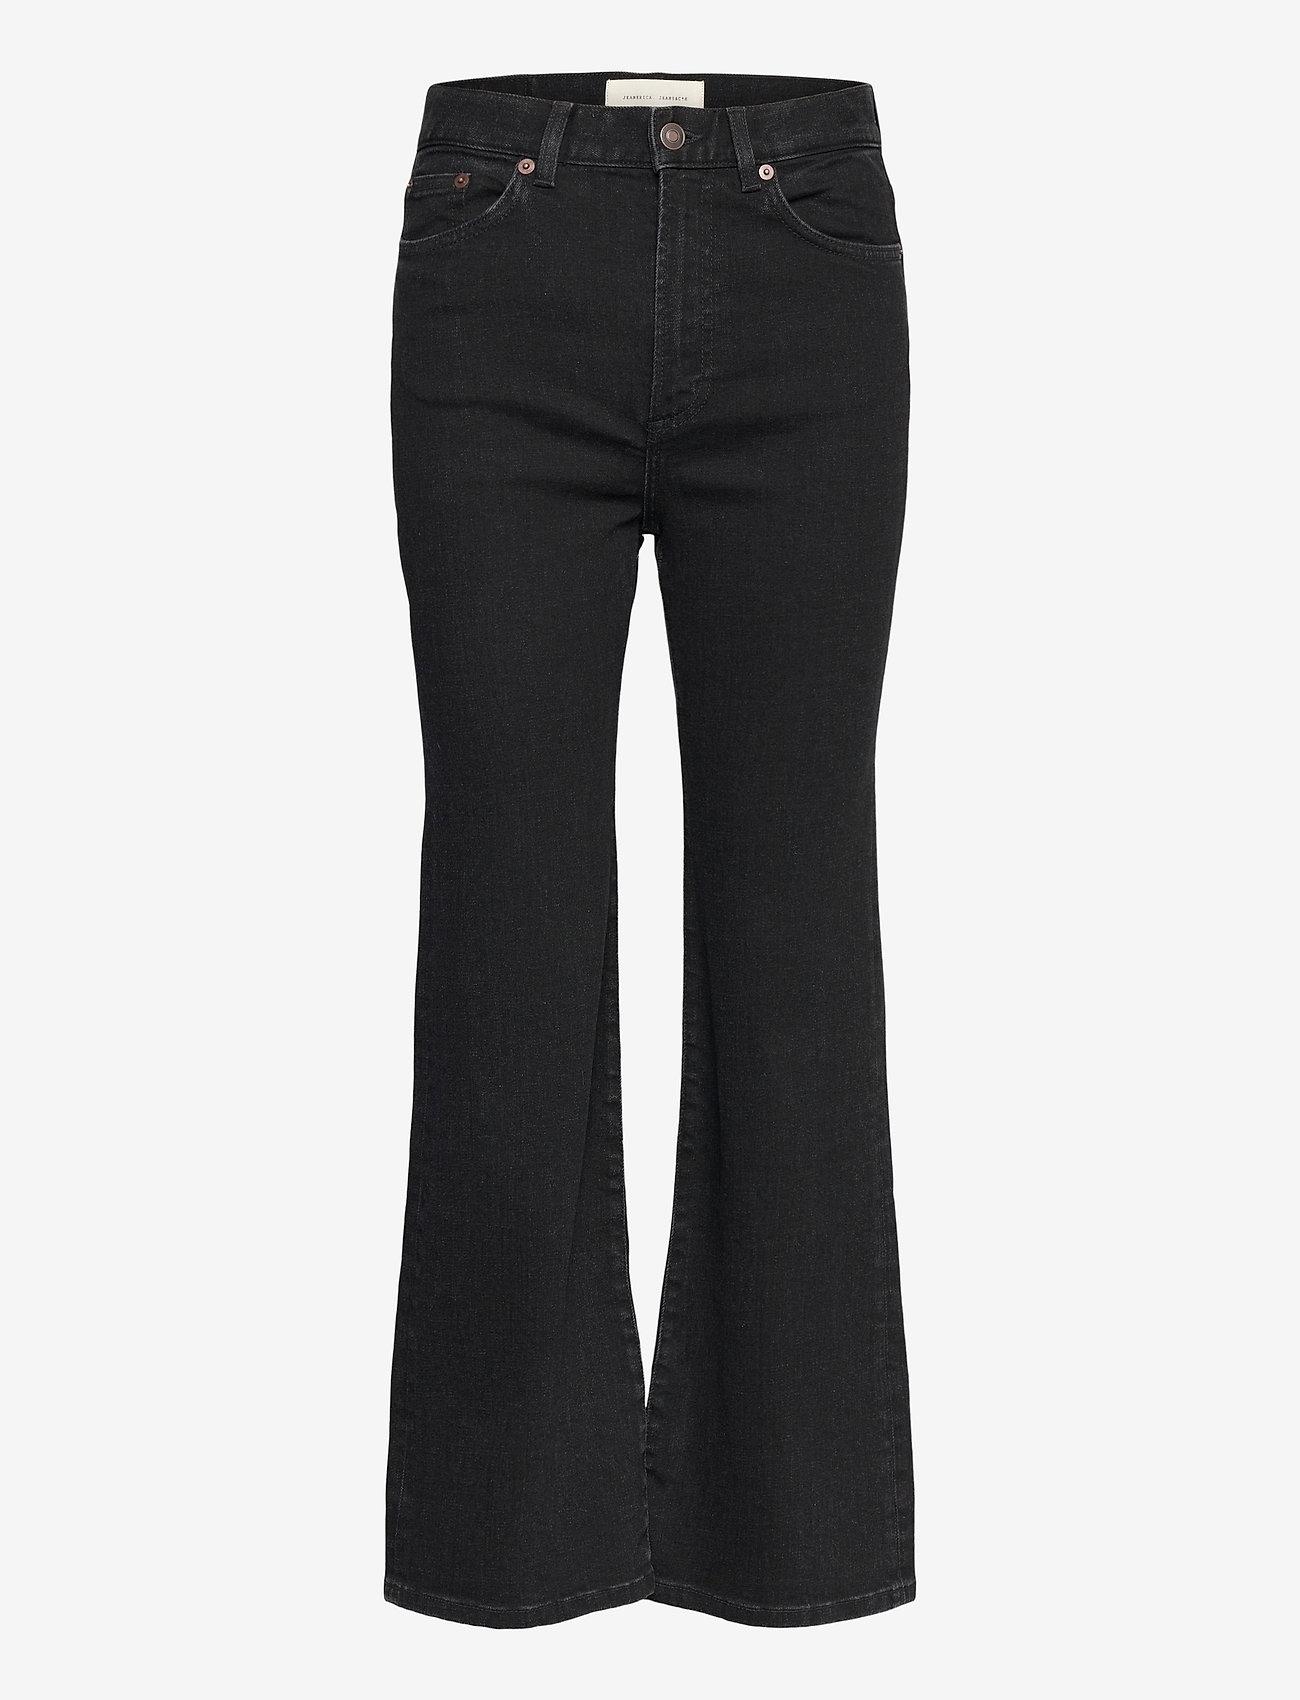 Jeanerica - PW008 - jeans évasés - black 2 weeks - 1